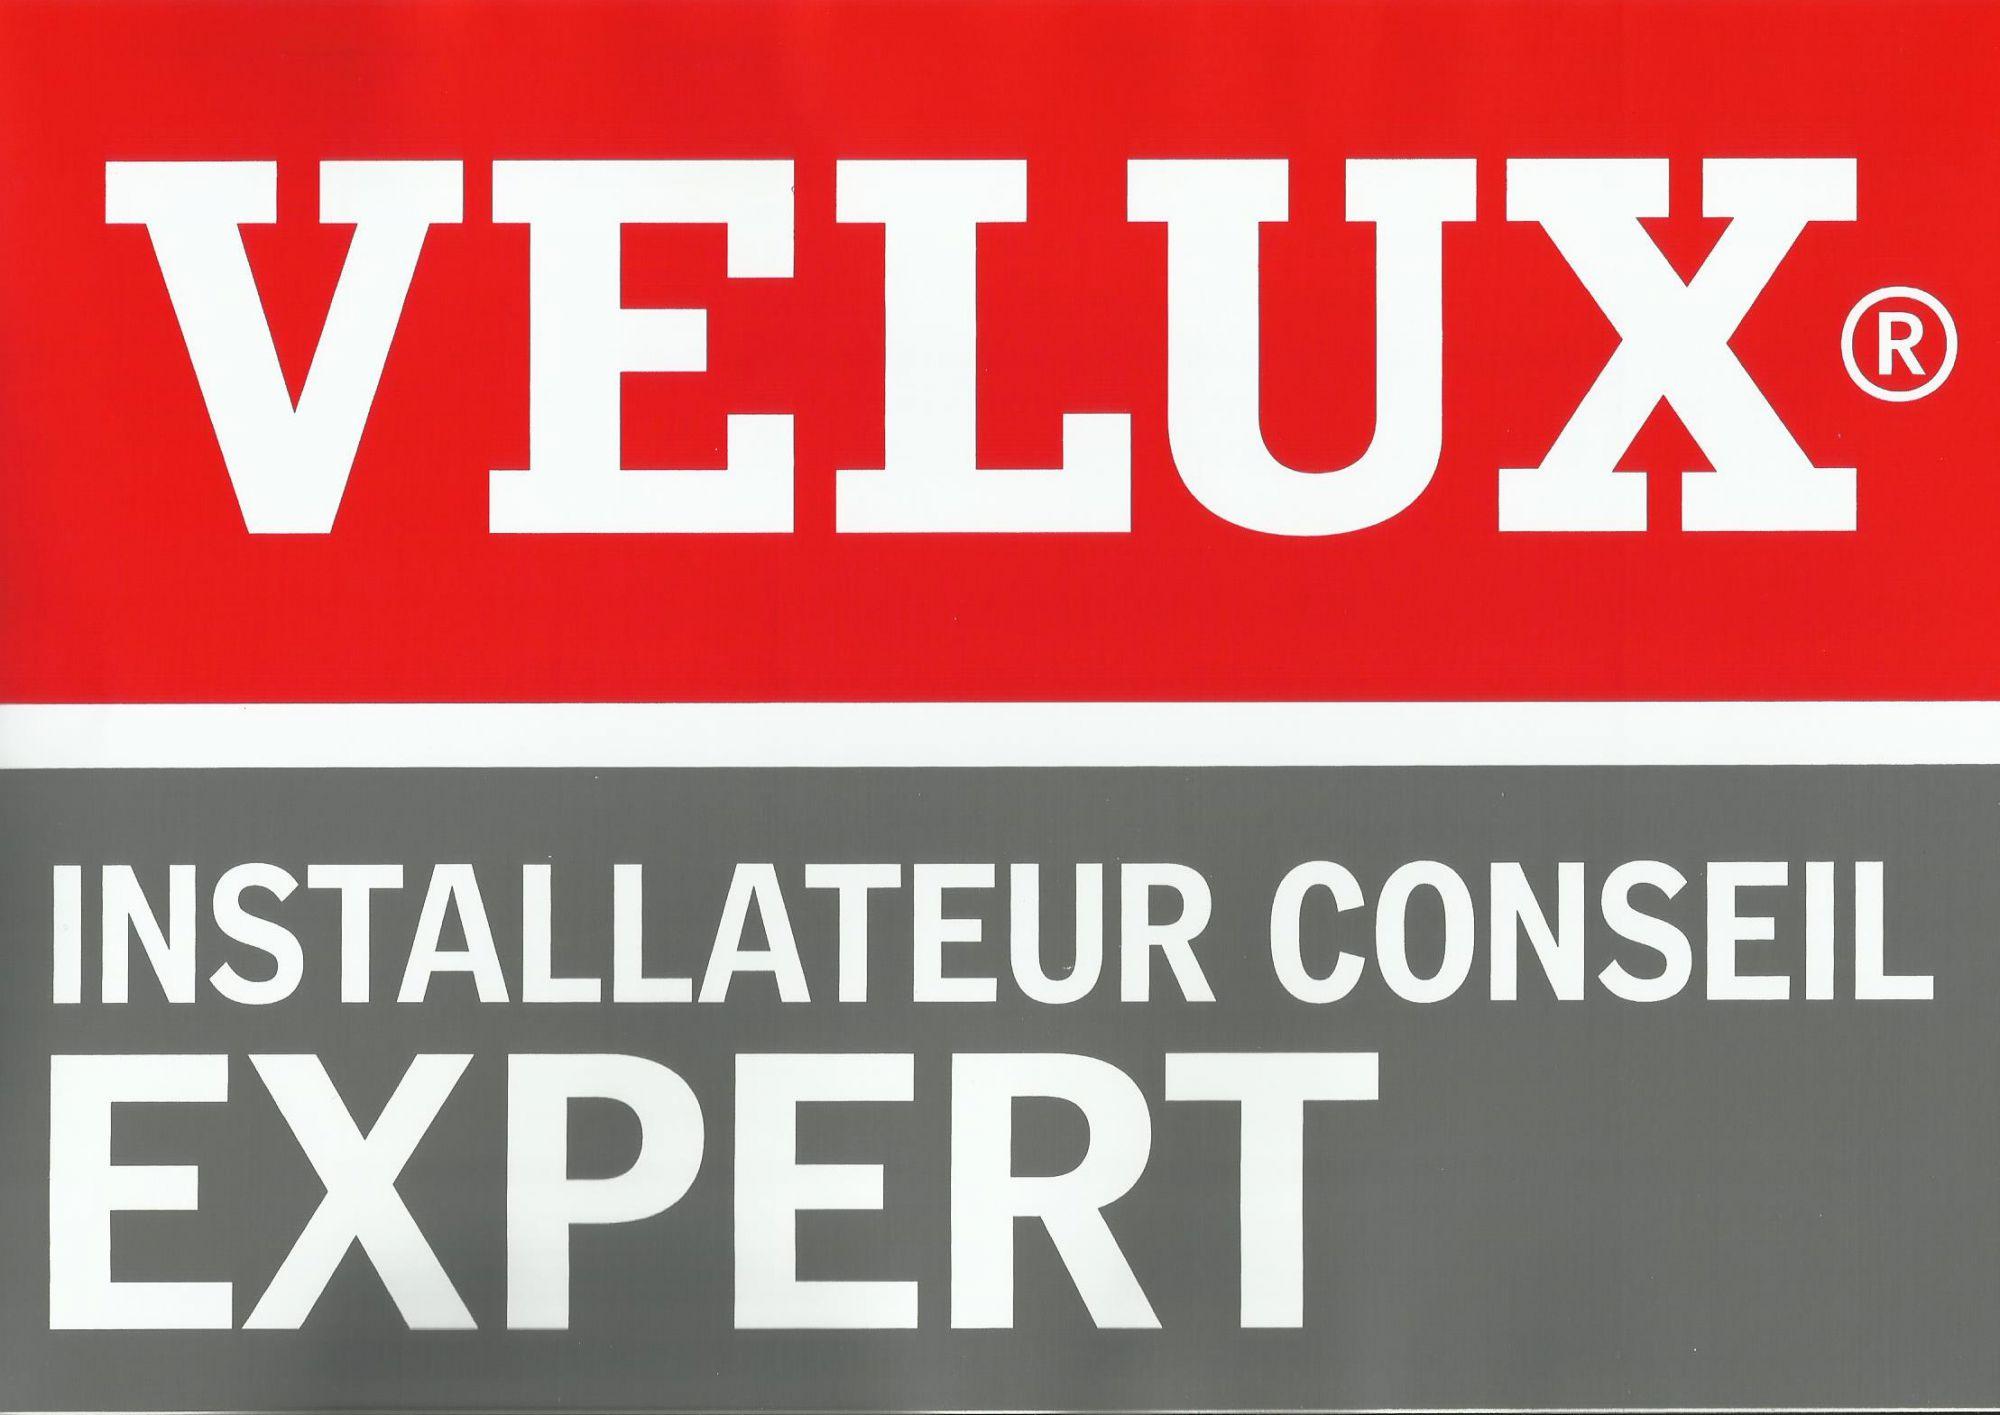 logo-expert-velux